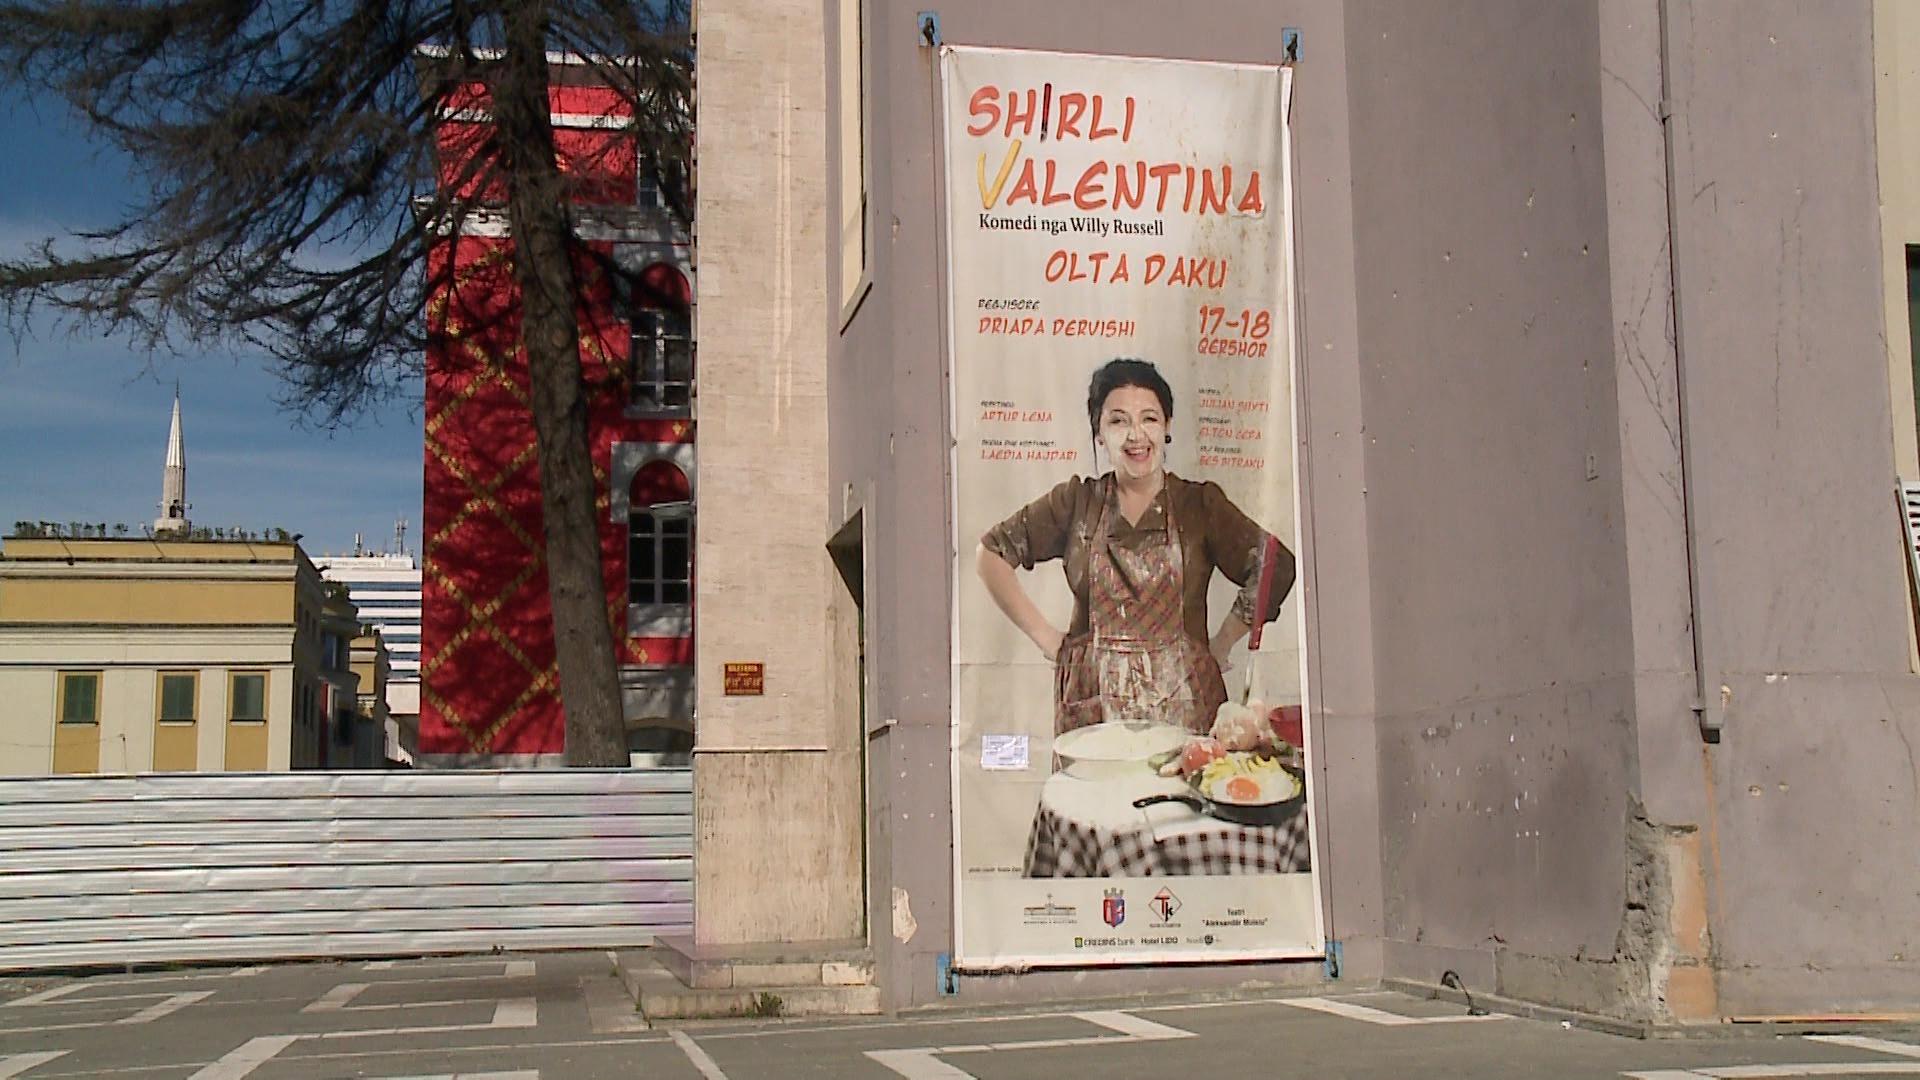 """Komedia """"Shirli Valentina"""": Asnjëherë nuk është vonë për të ndjekur ëndrrat"""